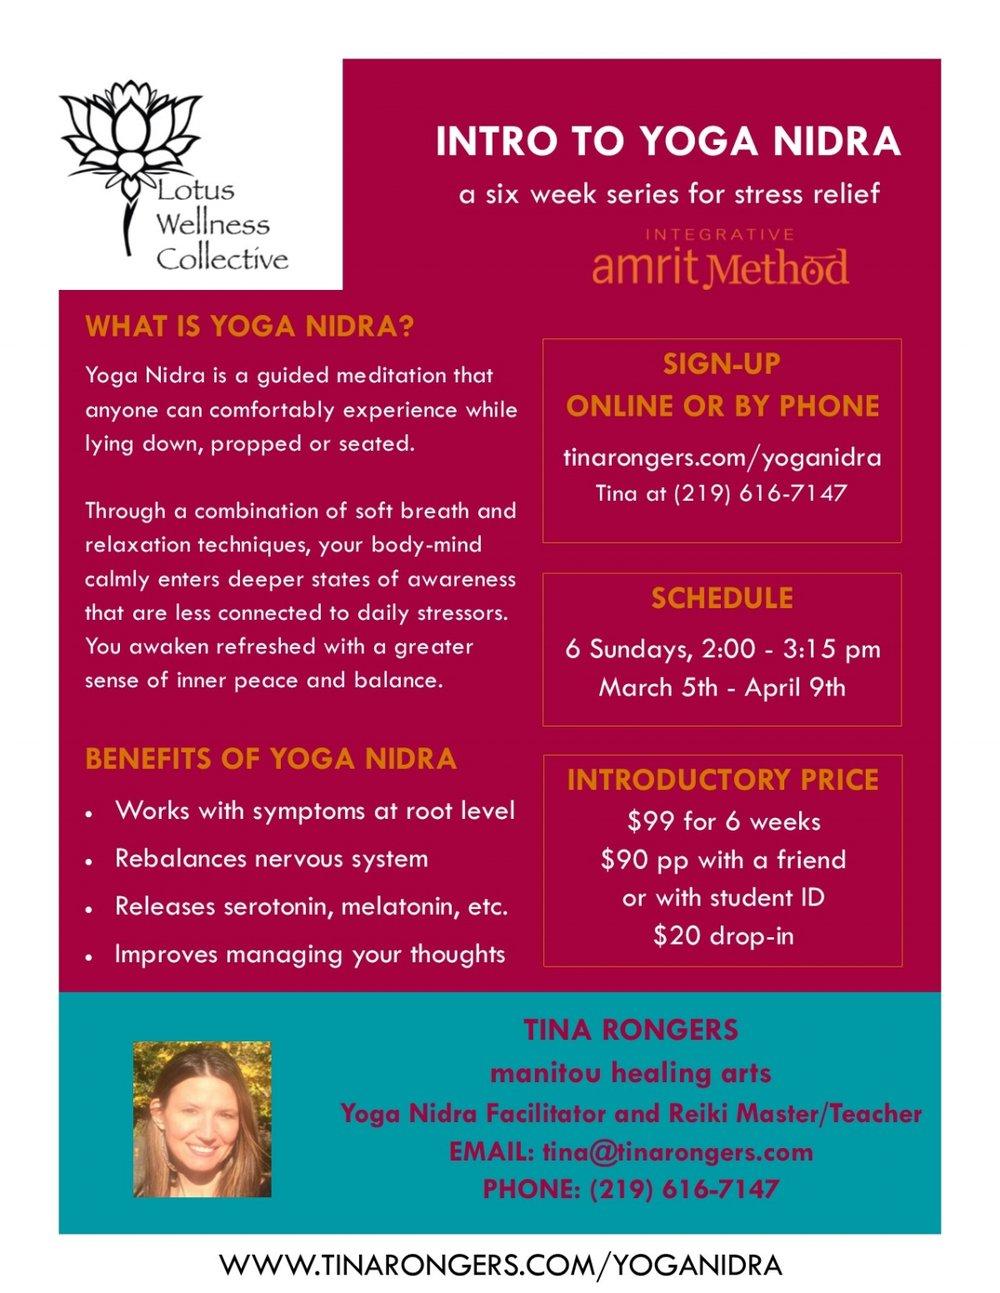 Manitou_Yoga Nidra Flyer_02 06 17.jpg